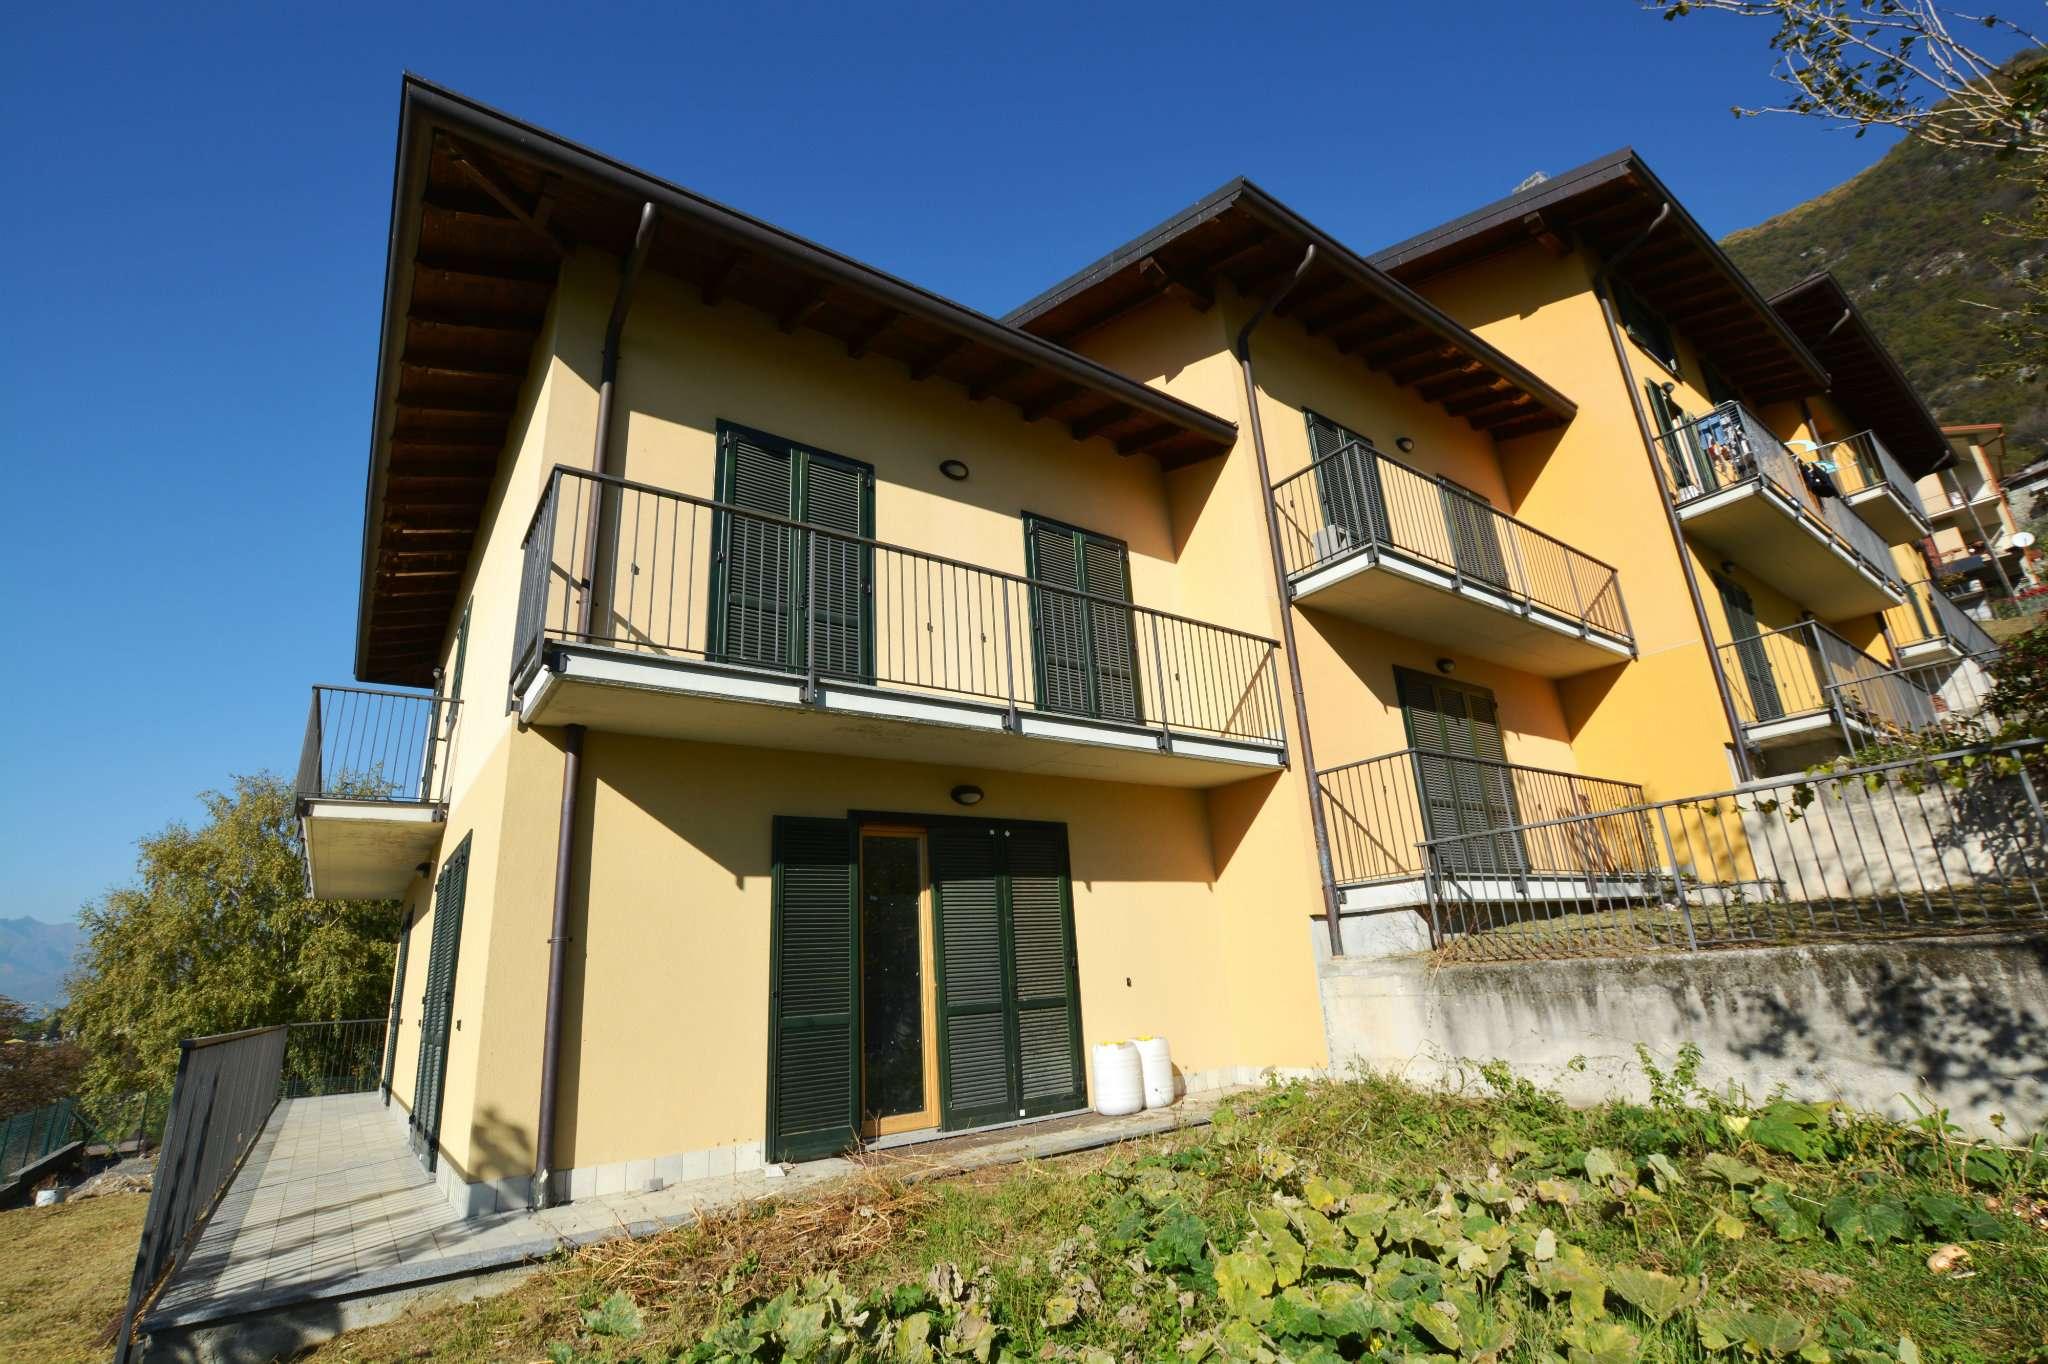 Appartamento in vendita a Morbegno, 9999 locali, prezzo € 190.000 | CambioCasa.it